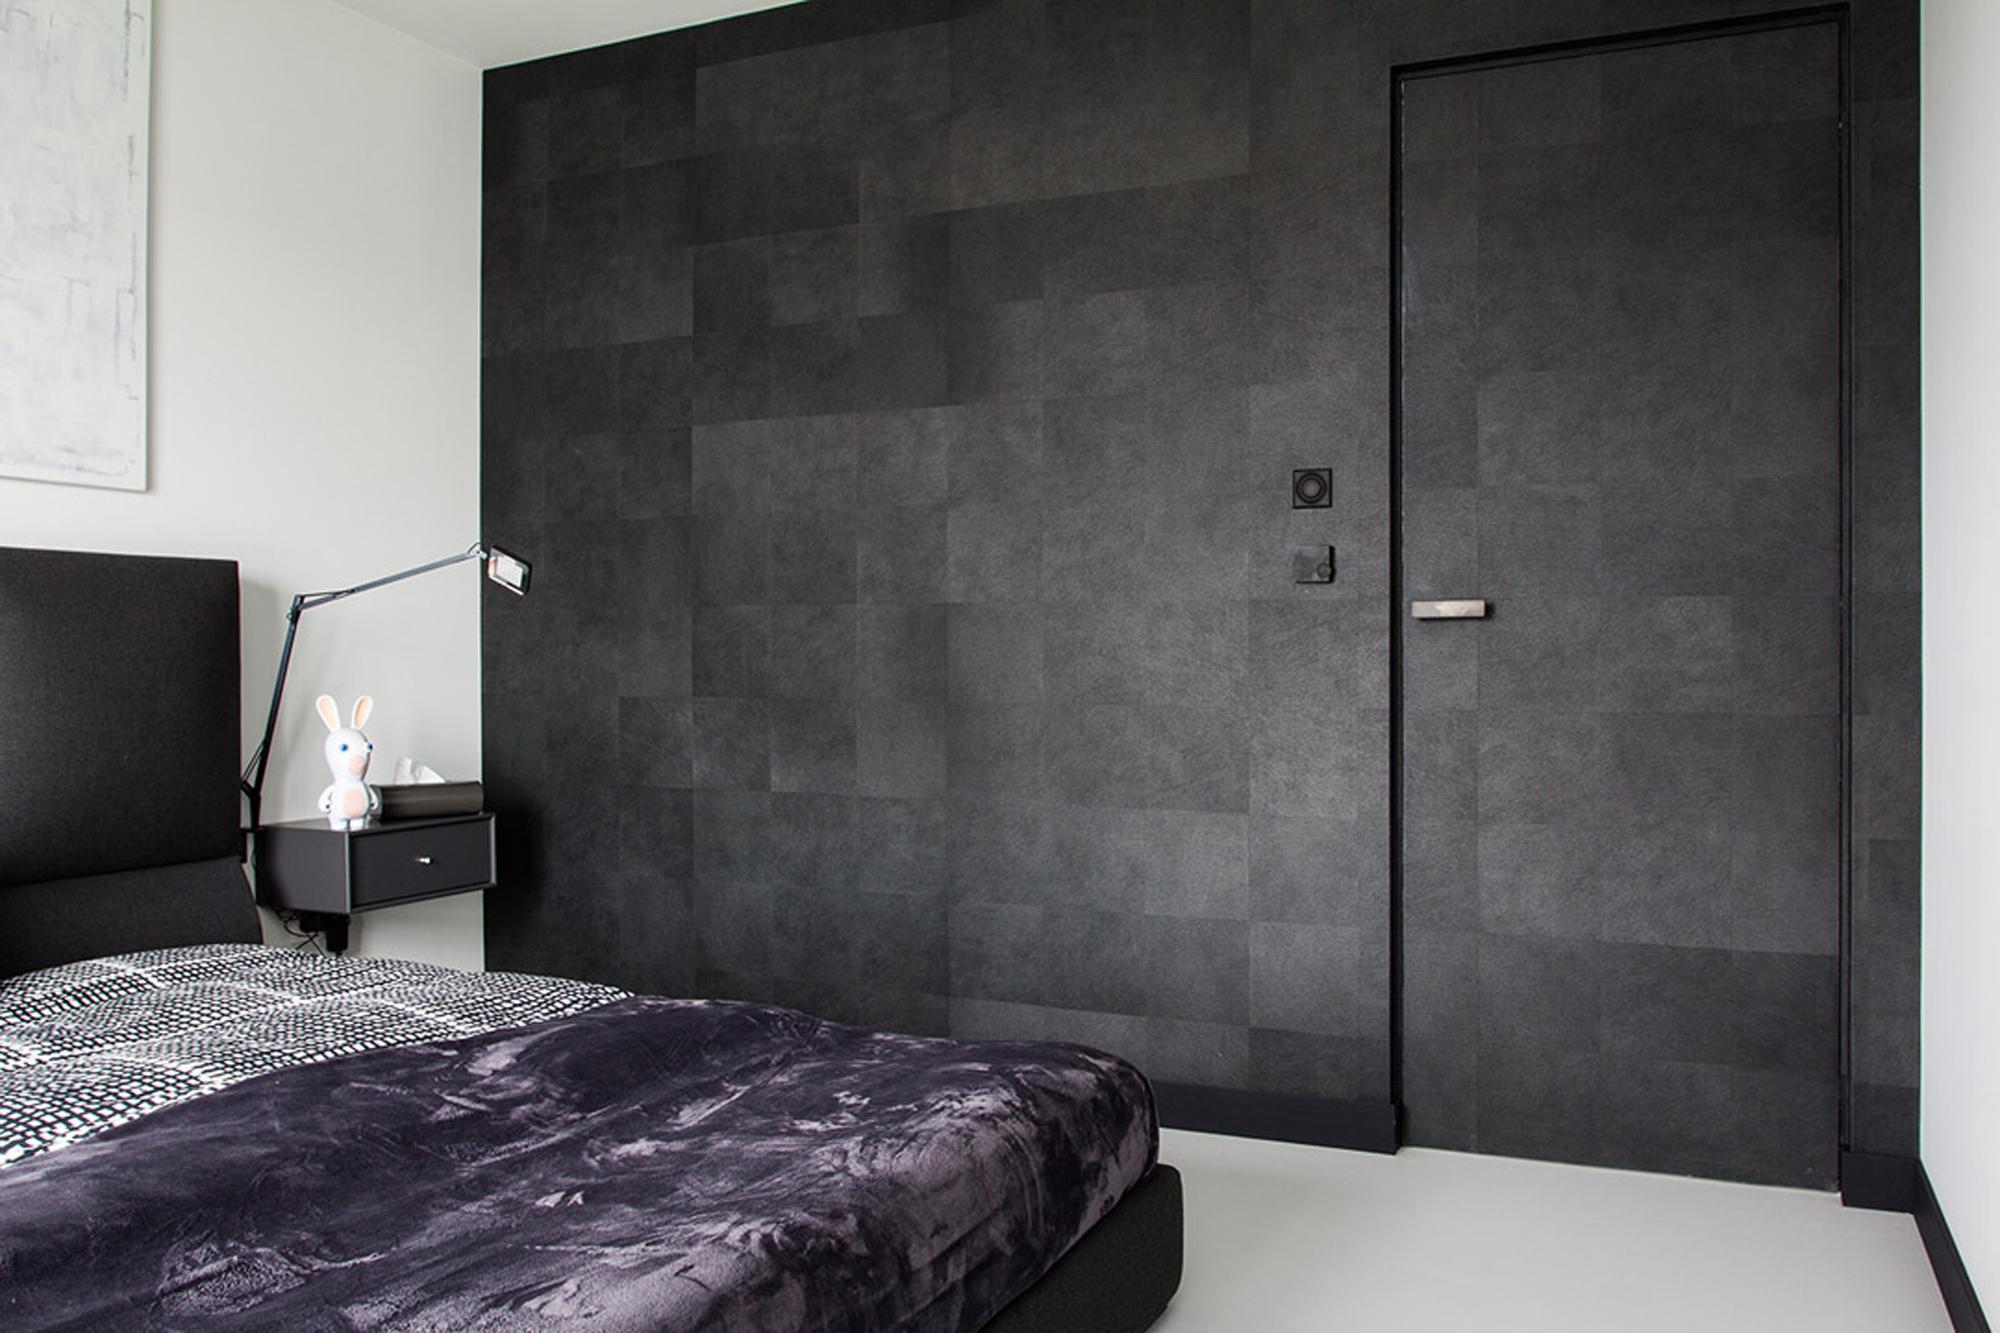 黑白简约风公寓卧室装修效果图